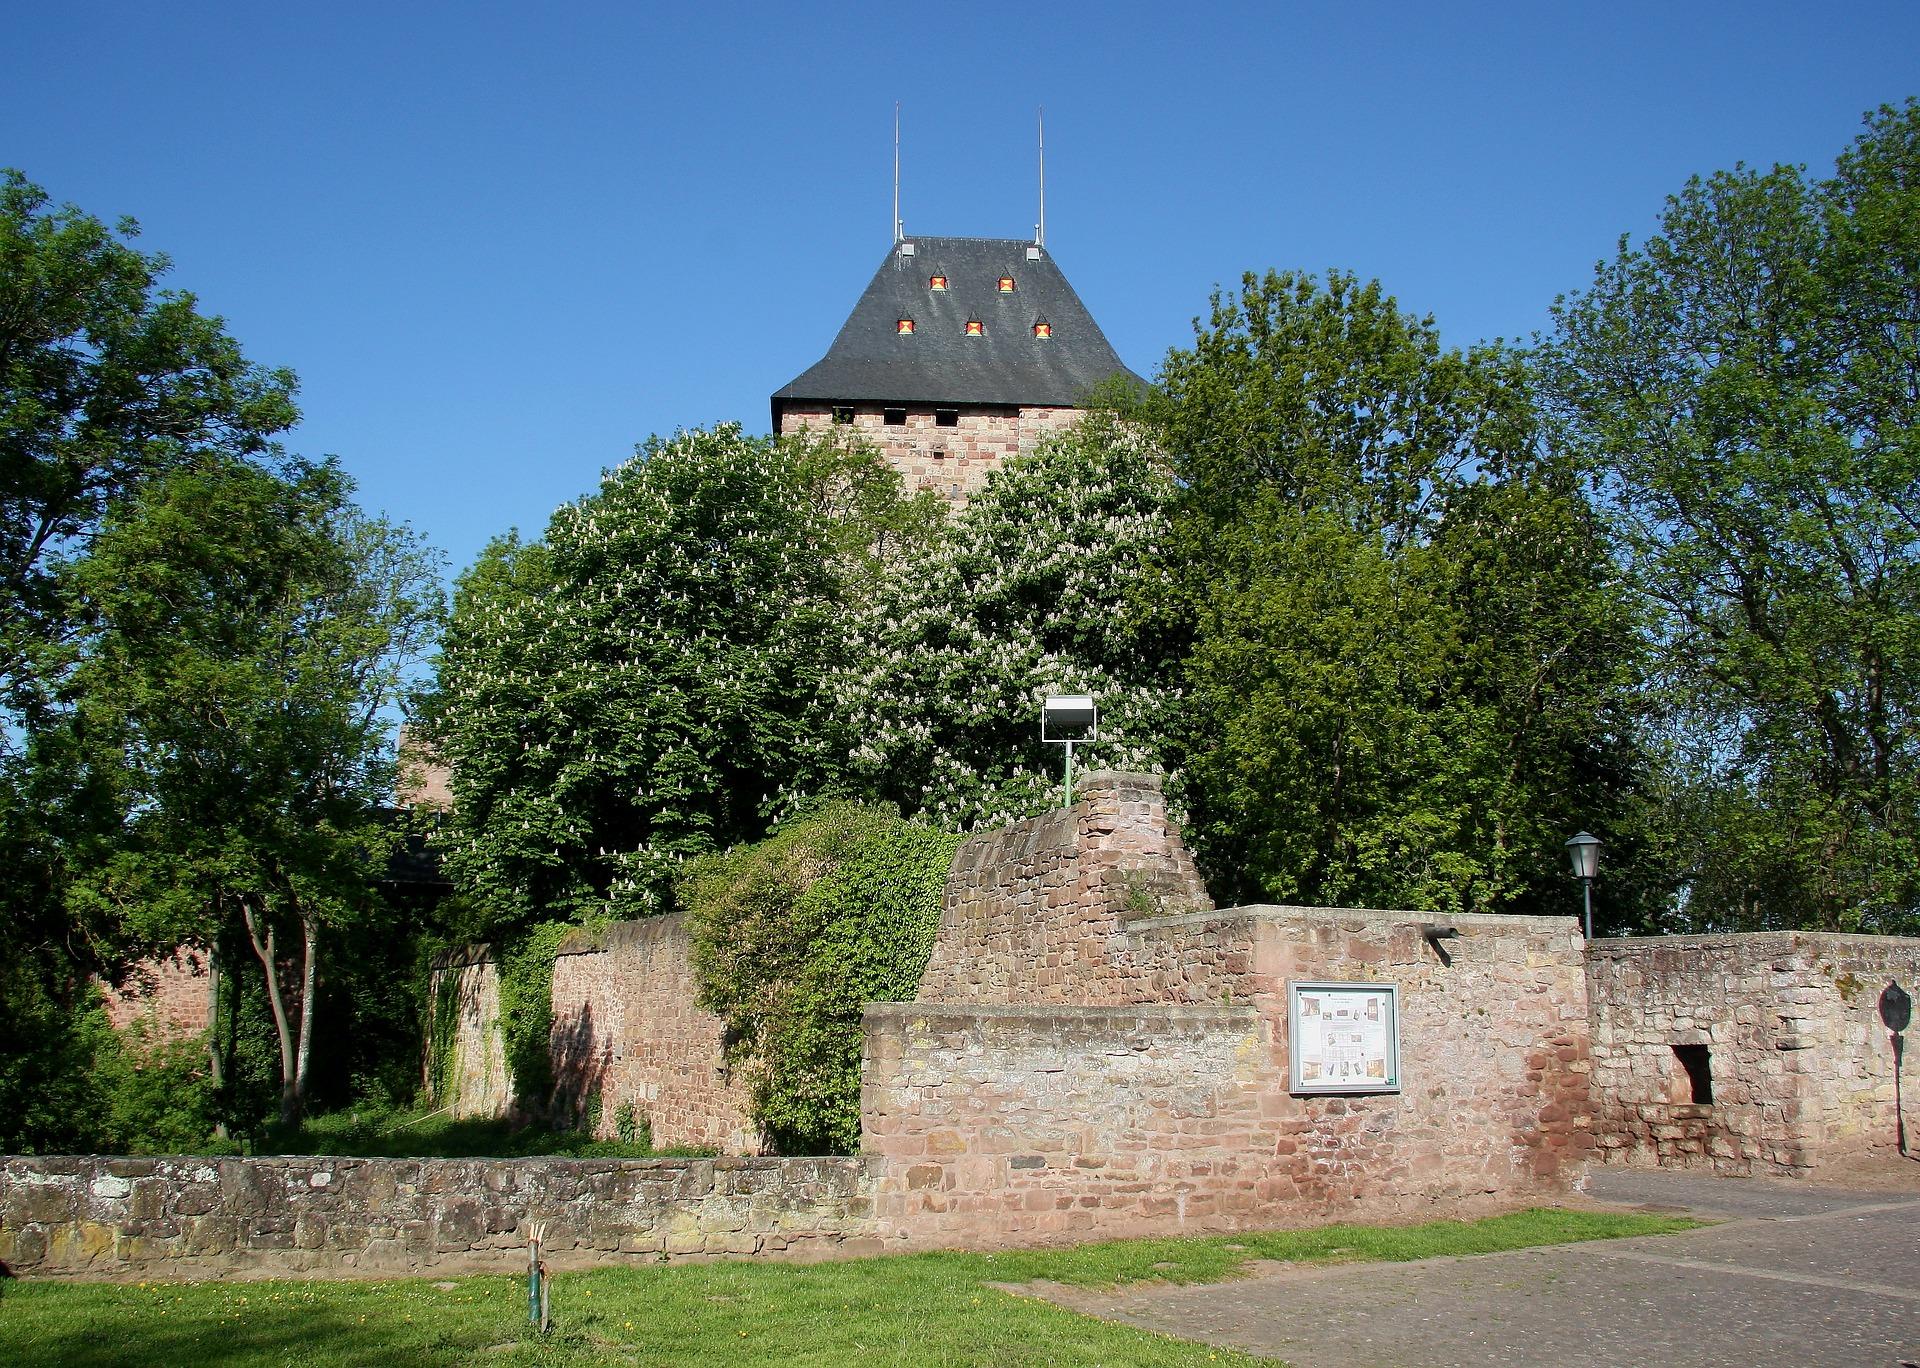 Familientag auf Burg Nideggen: Was war vor und nach dem Mittelalter?